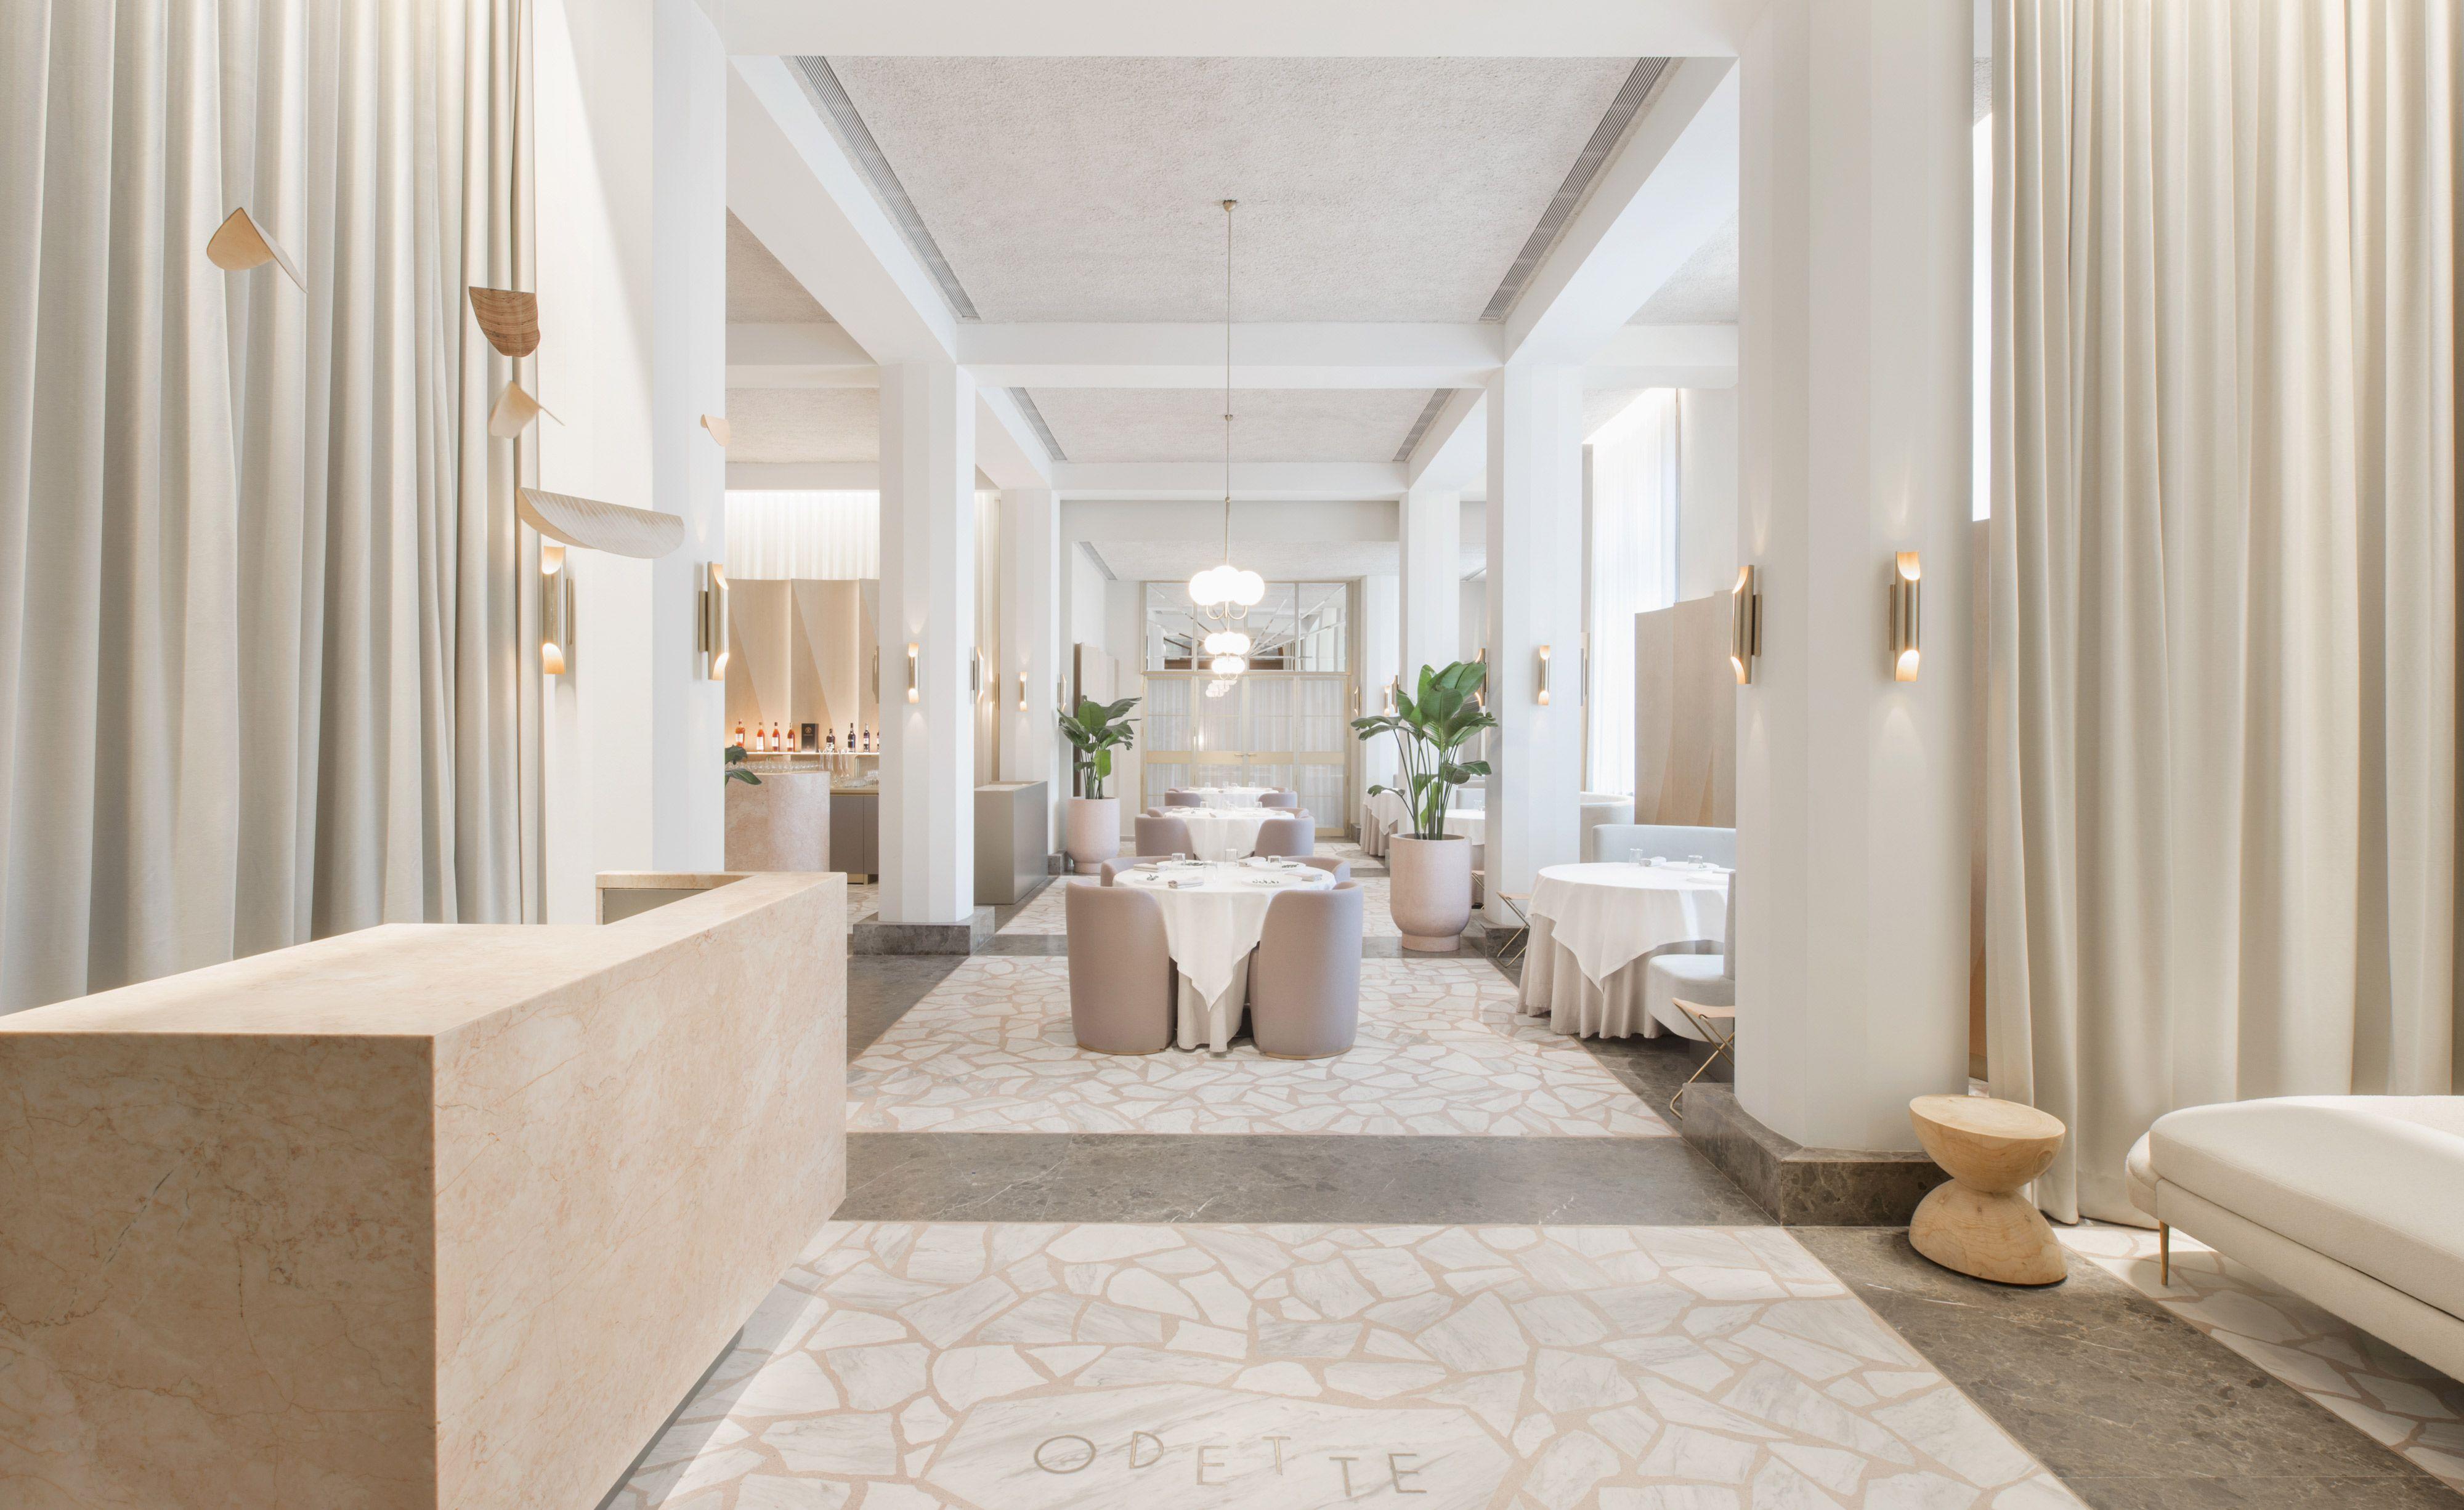 Odette Singapore Restaurant DesignRestaurant InteriorsAsia